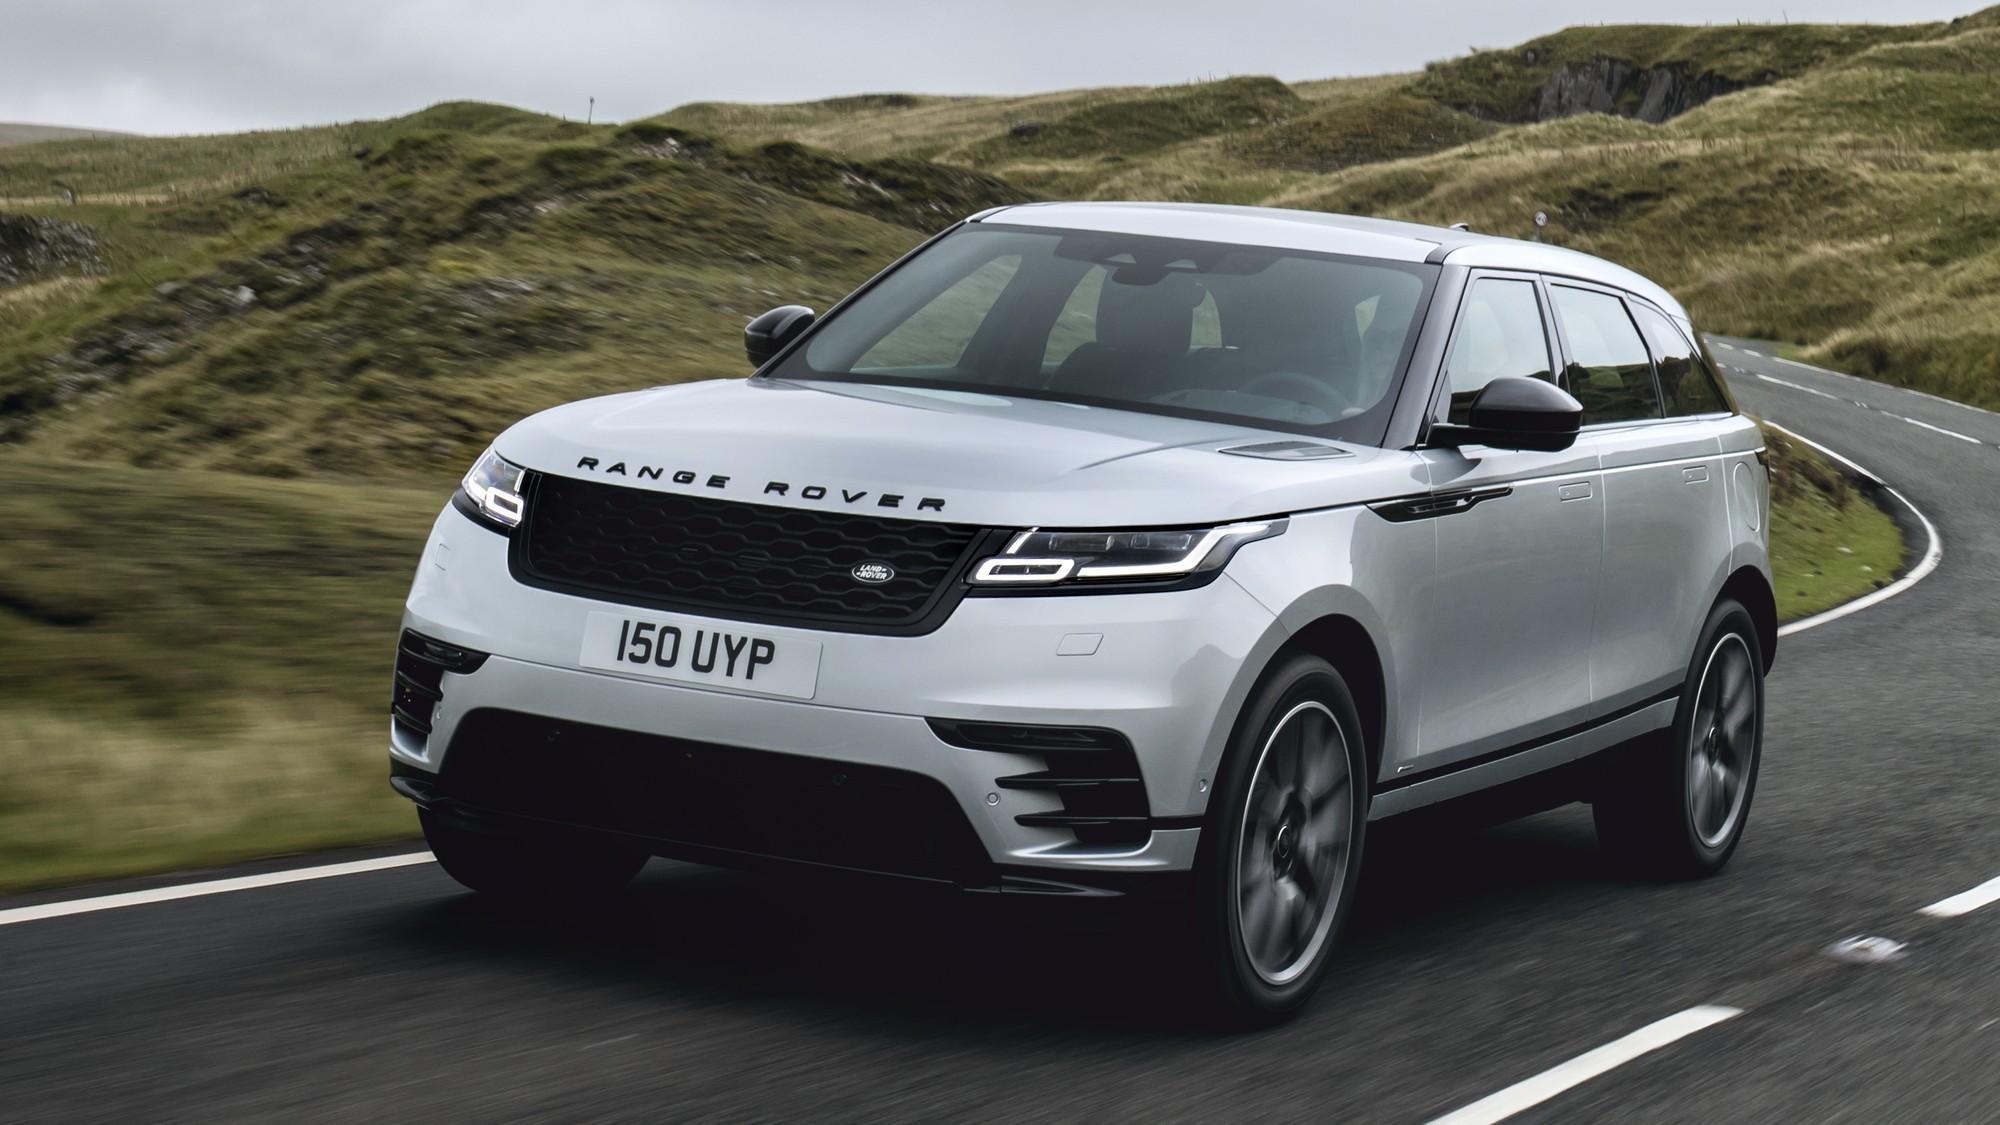 Обновлённый Range Rover Velar: V6 ушли в прошлое, появилась розеточная версия